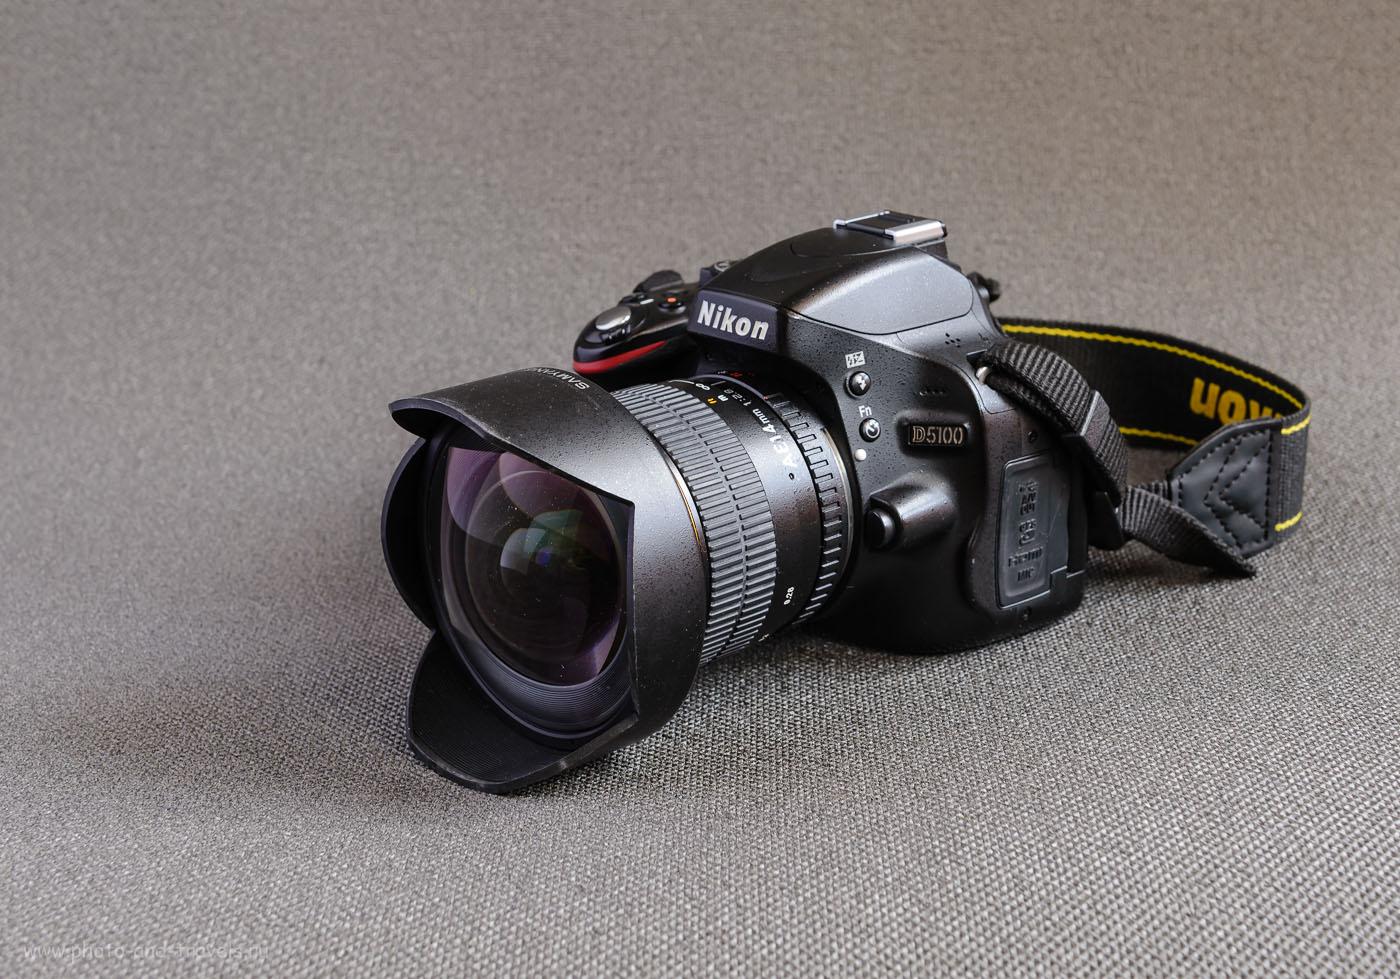 14. Использование сверхширокоугольного объектива Samyang 14mm f/2.8 на кропнутой любительской зеркалке Nikon D5100. Обзор и тестовые фотографии.